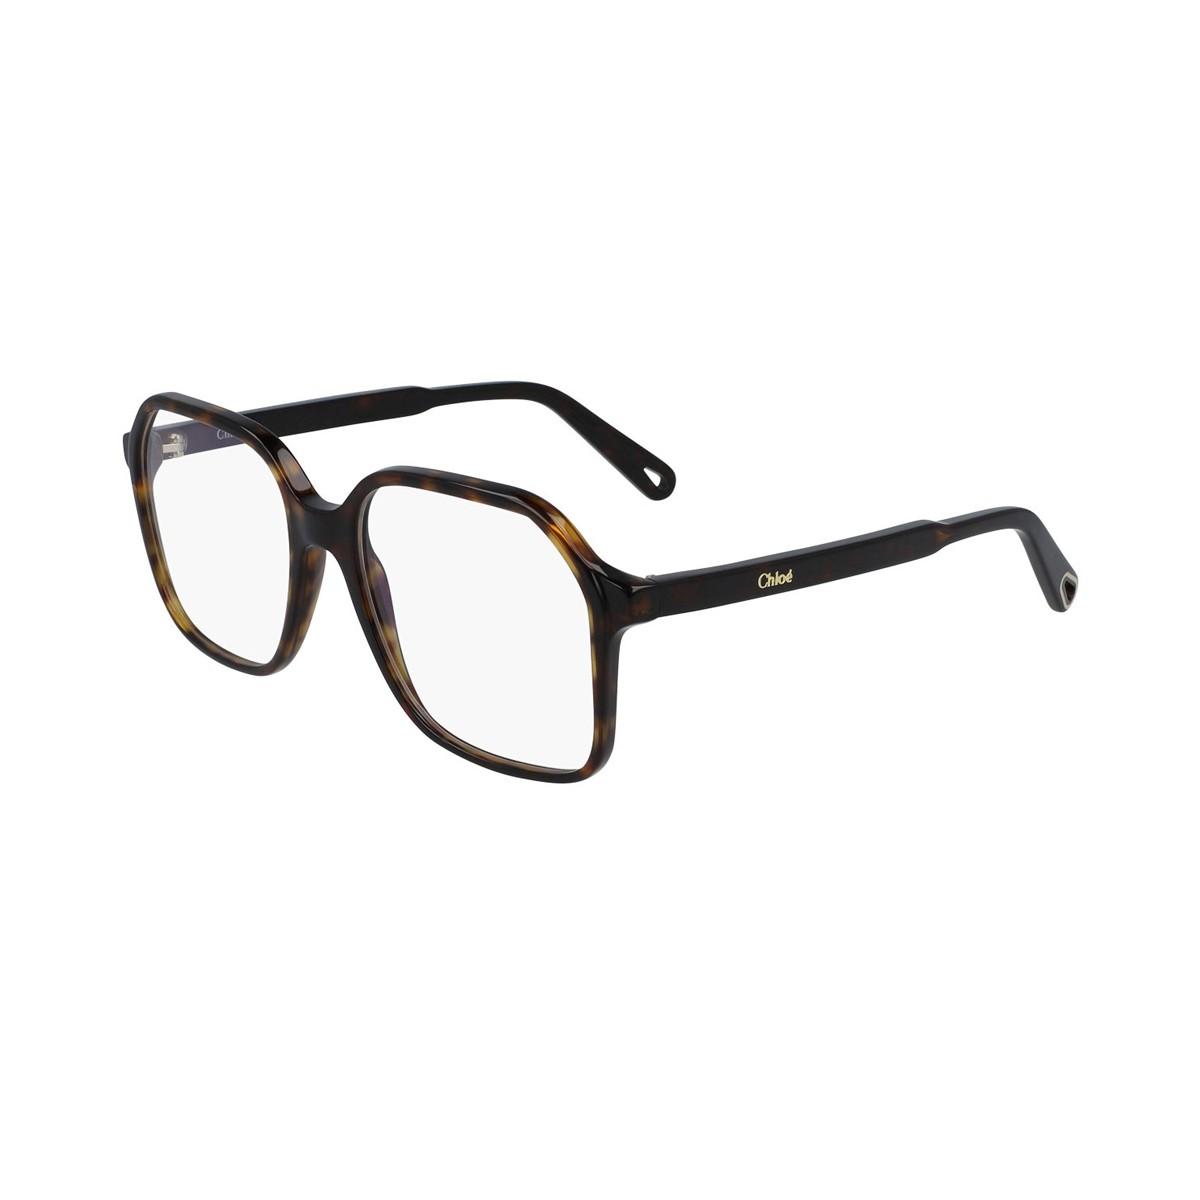 Chloé CE2744 | Women's eyeglasses